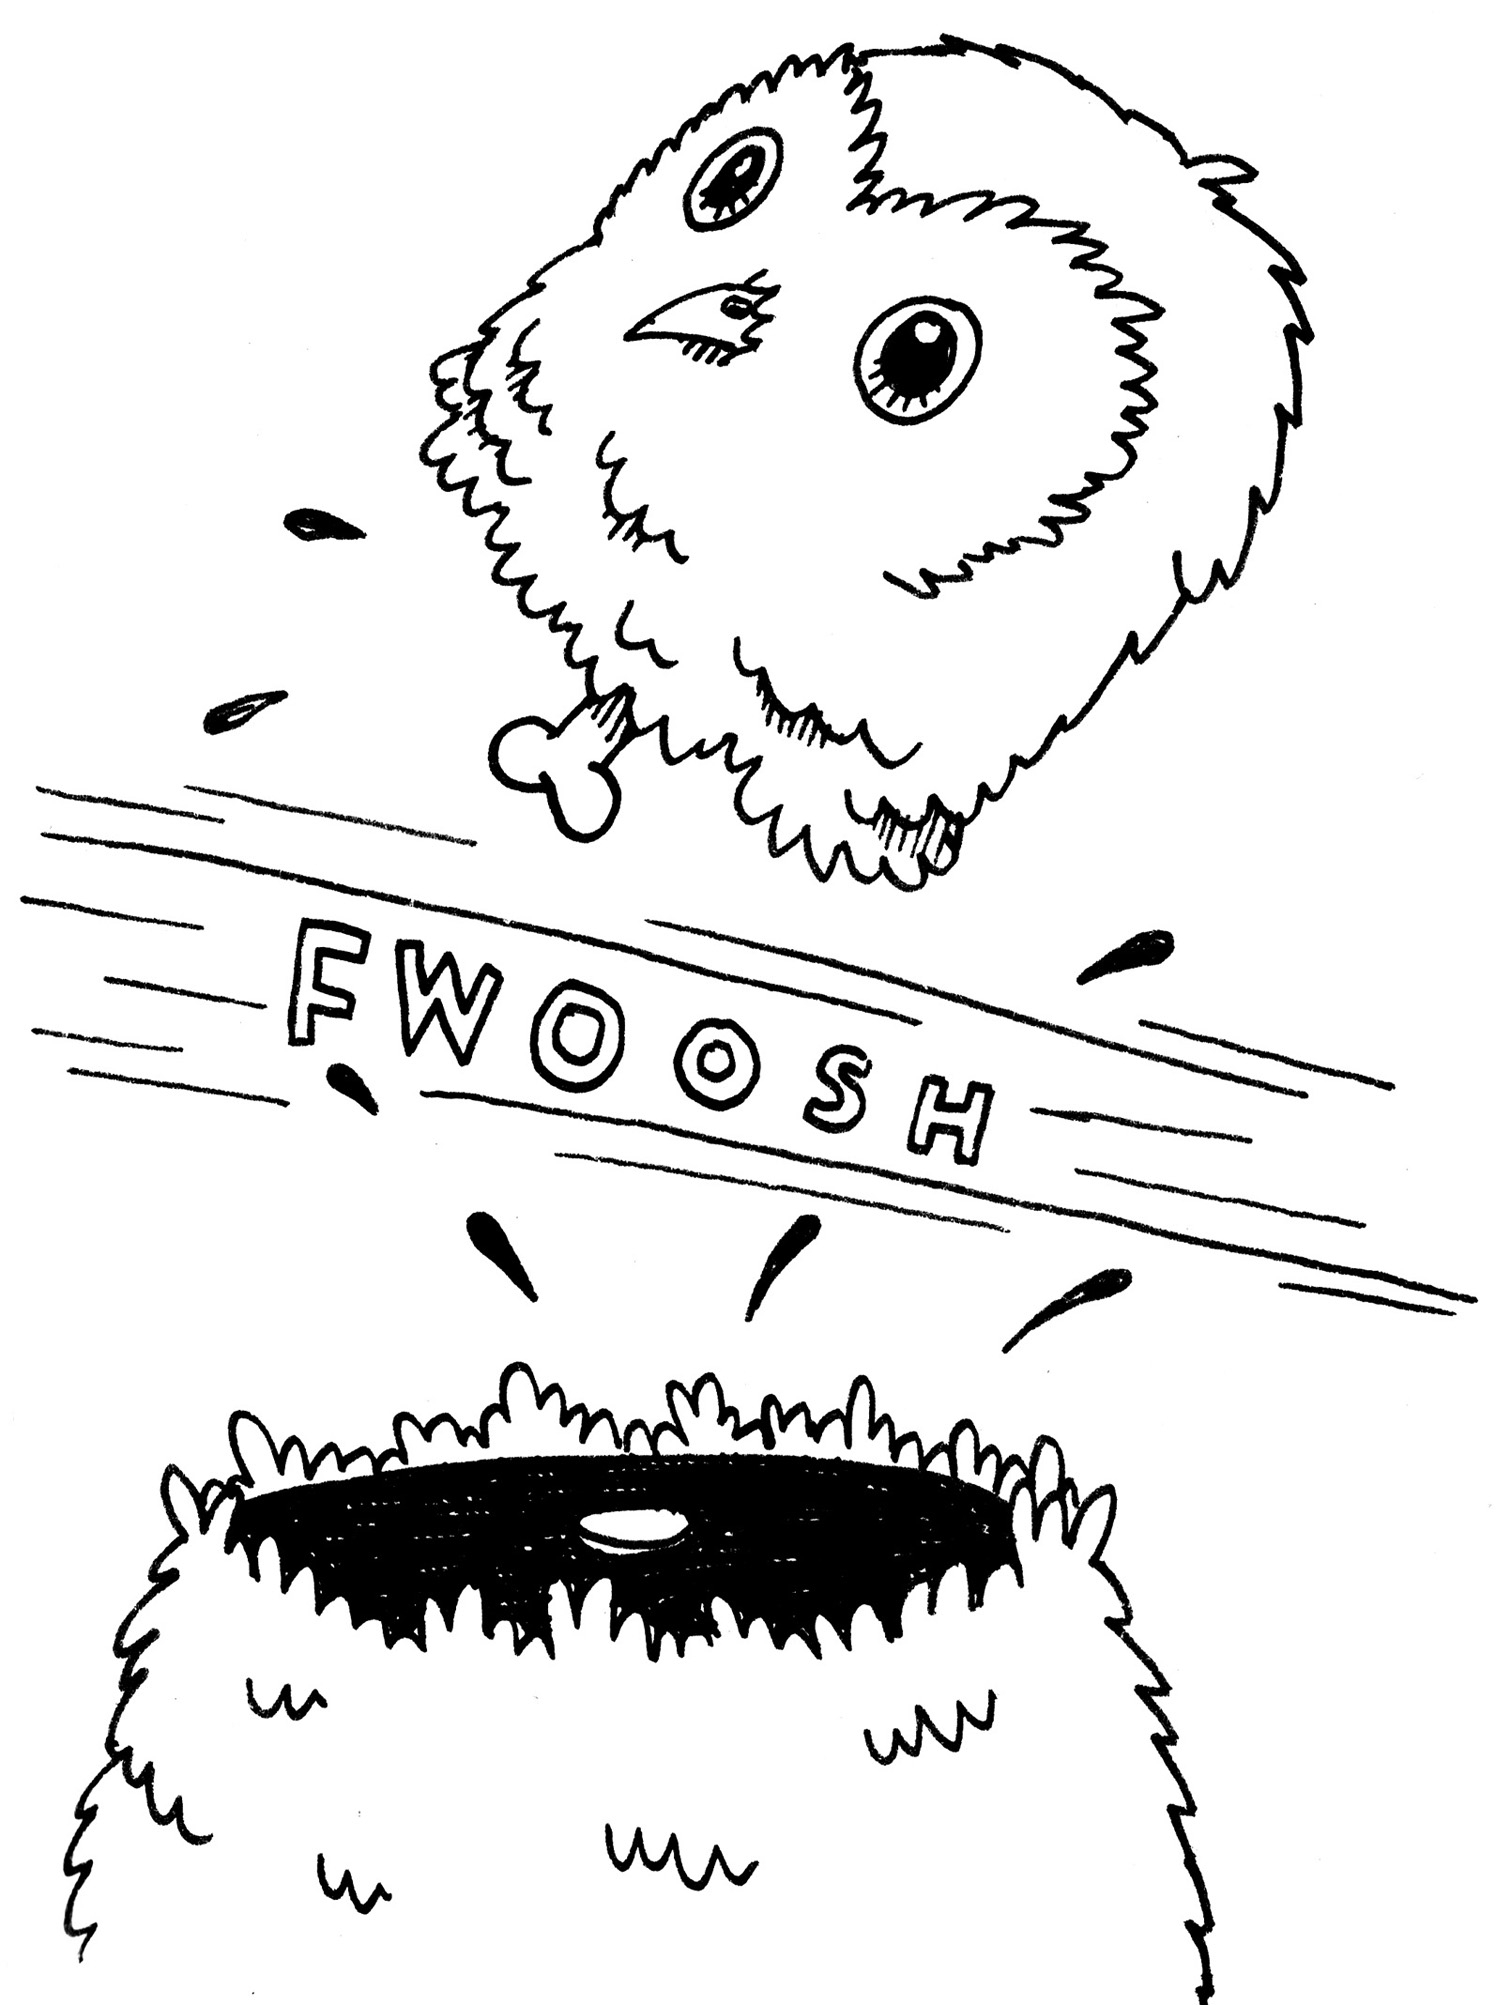 Owl Fwoosh